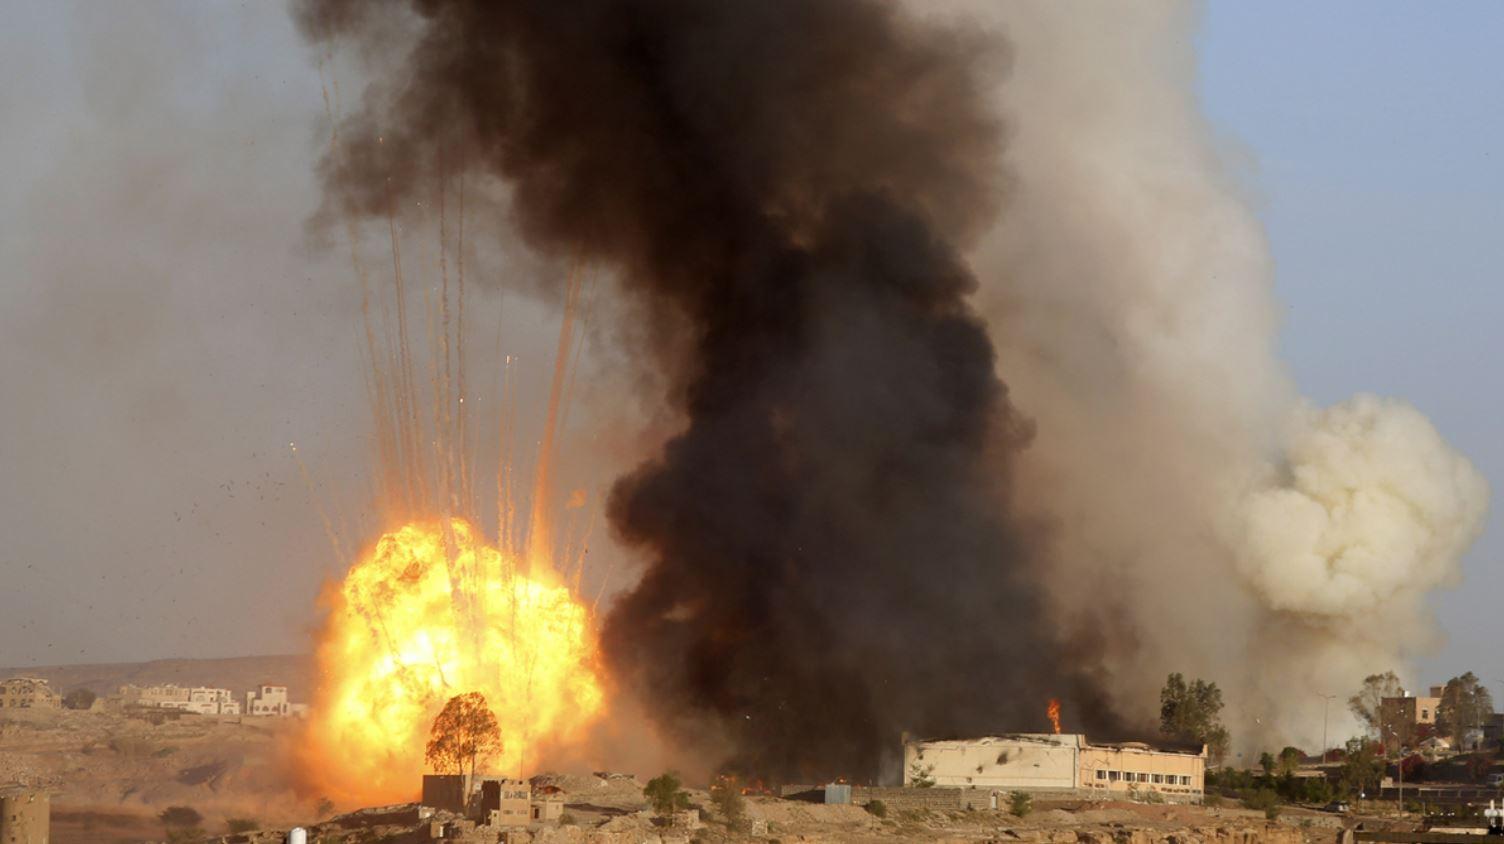 التحالف العربي يدمر مستودع لتخزين الطائرات المسيرة تستخدمه ميليشيات الحوثي في صنعاء